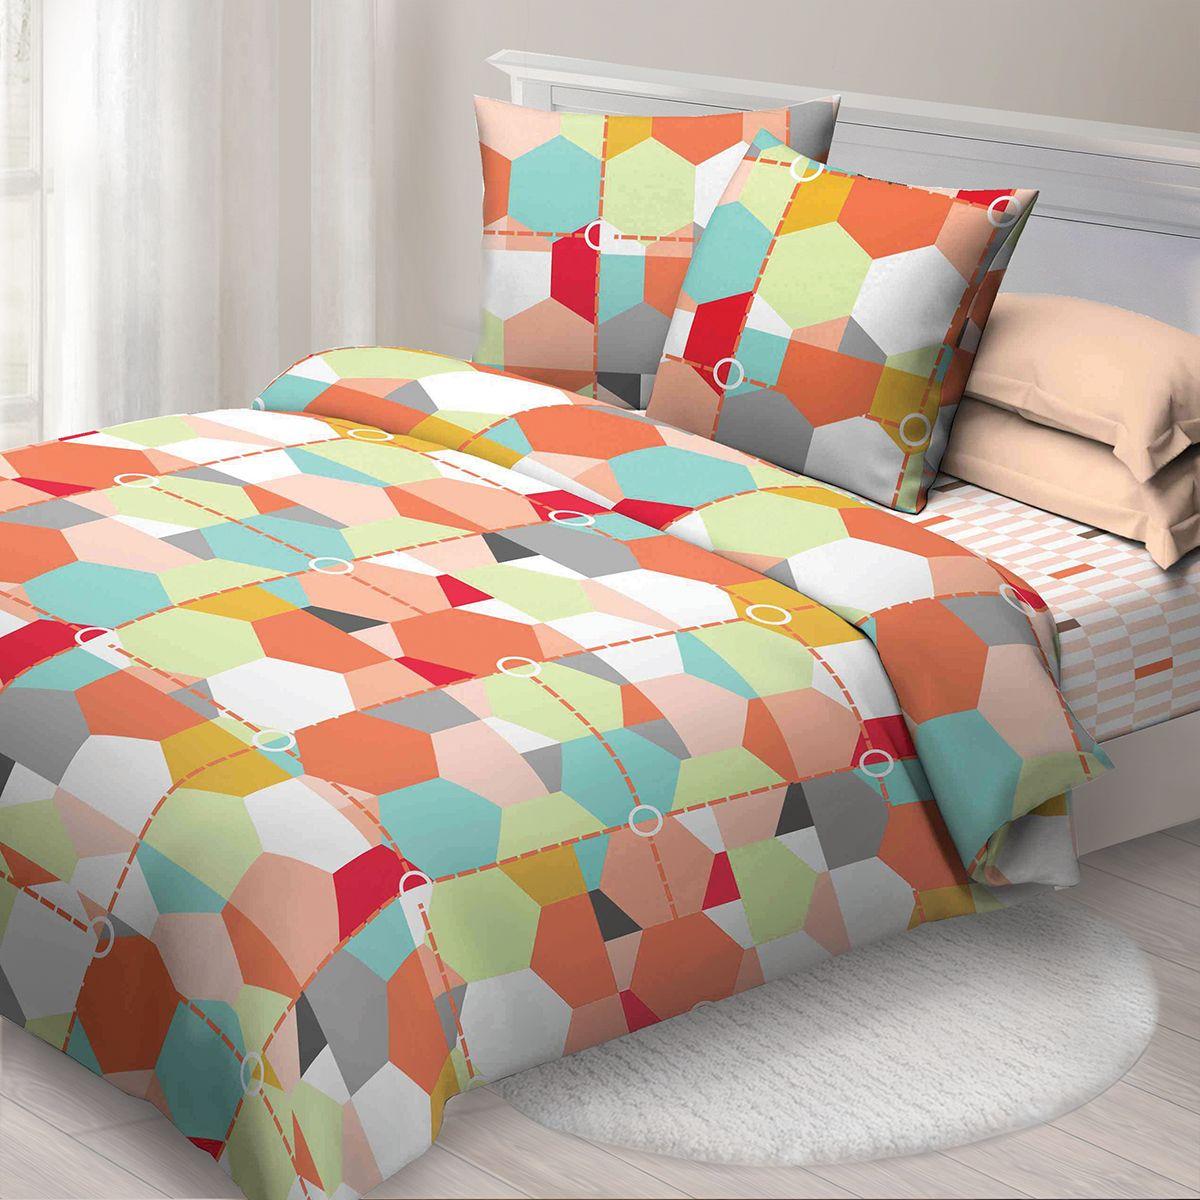 Комплект белья Спал Спалыч Карамель, 2-х спальное, наволочки 70x70, цвет: бордовый. 4084-184190